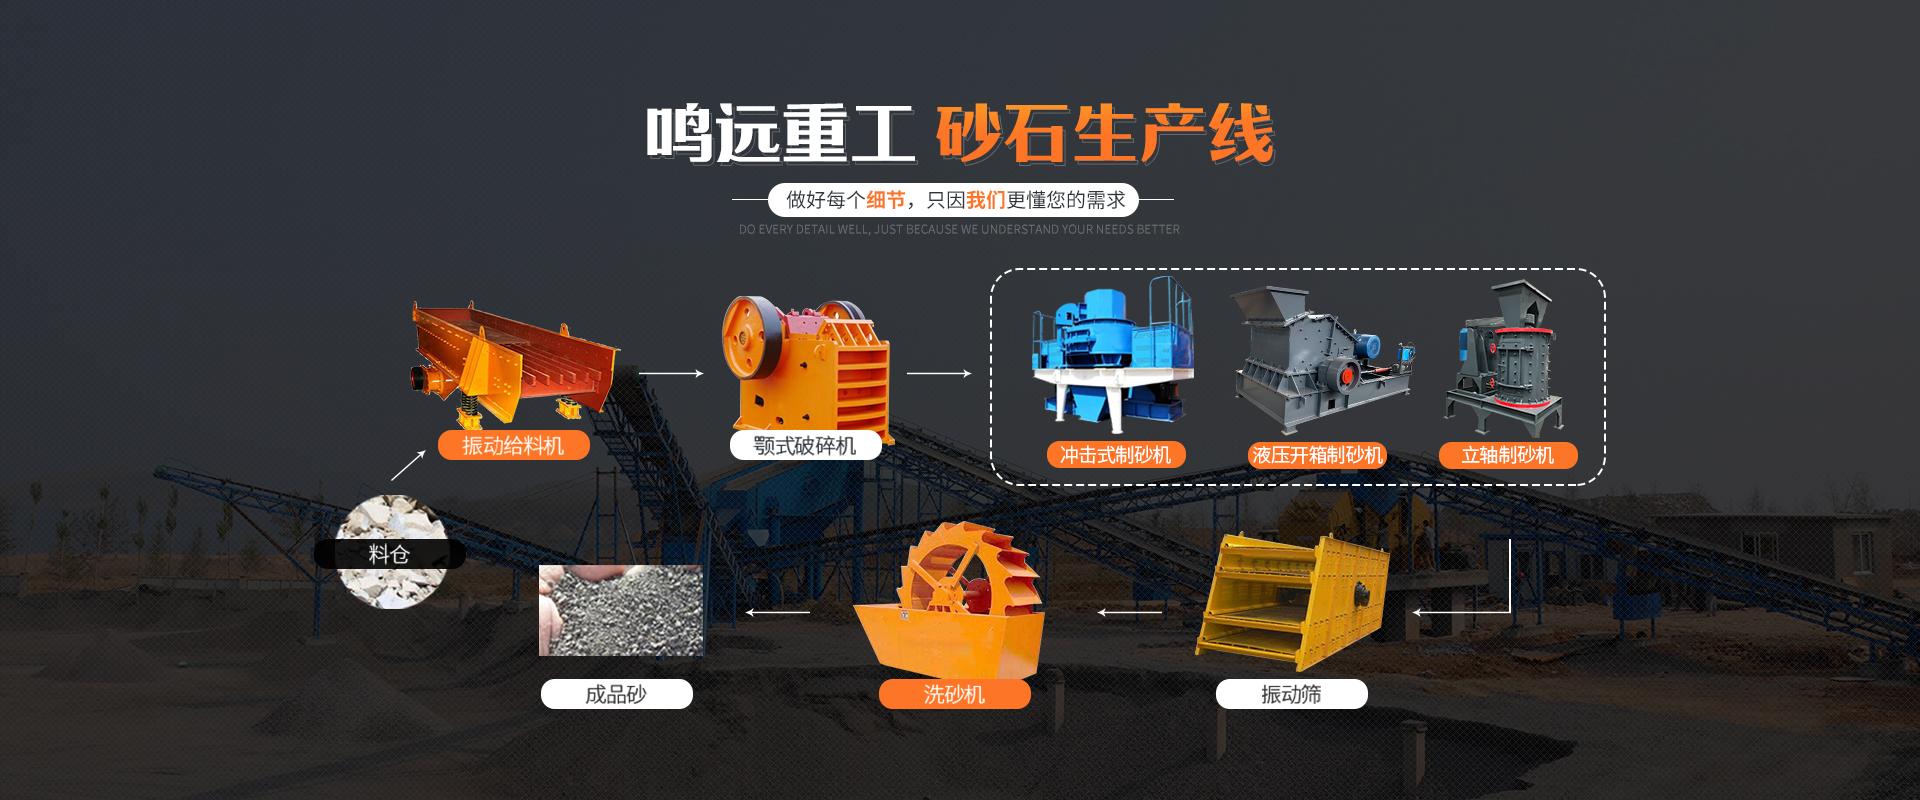 制砂机设备厂家